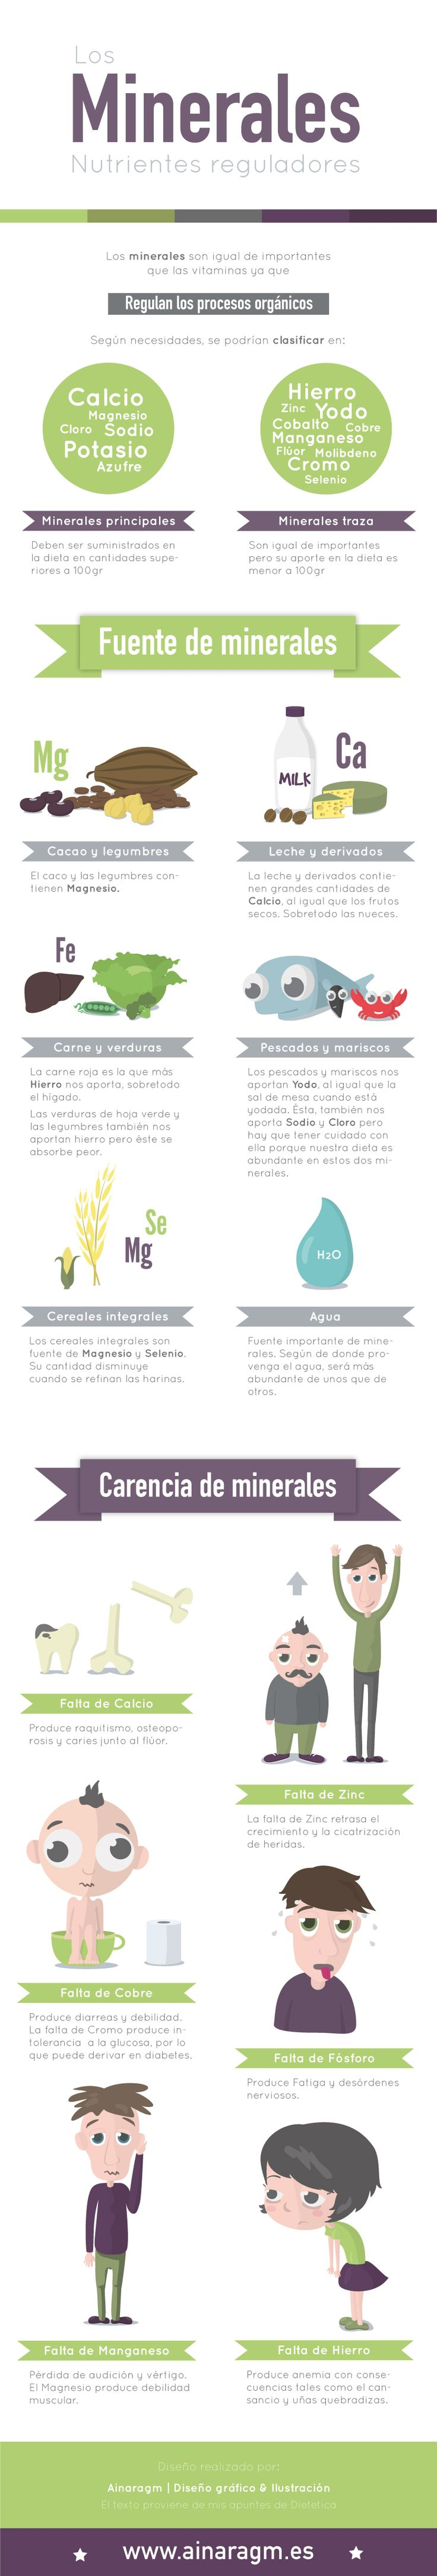 #Infografia sobre los #minerales #nutricion #salud